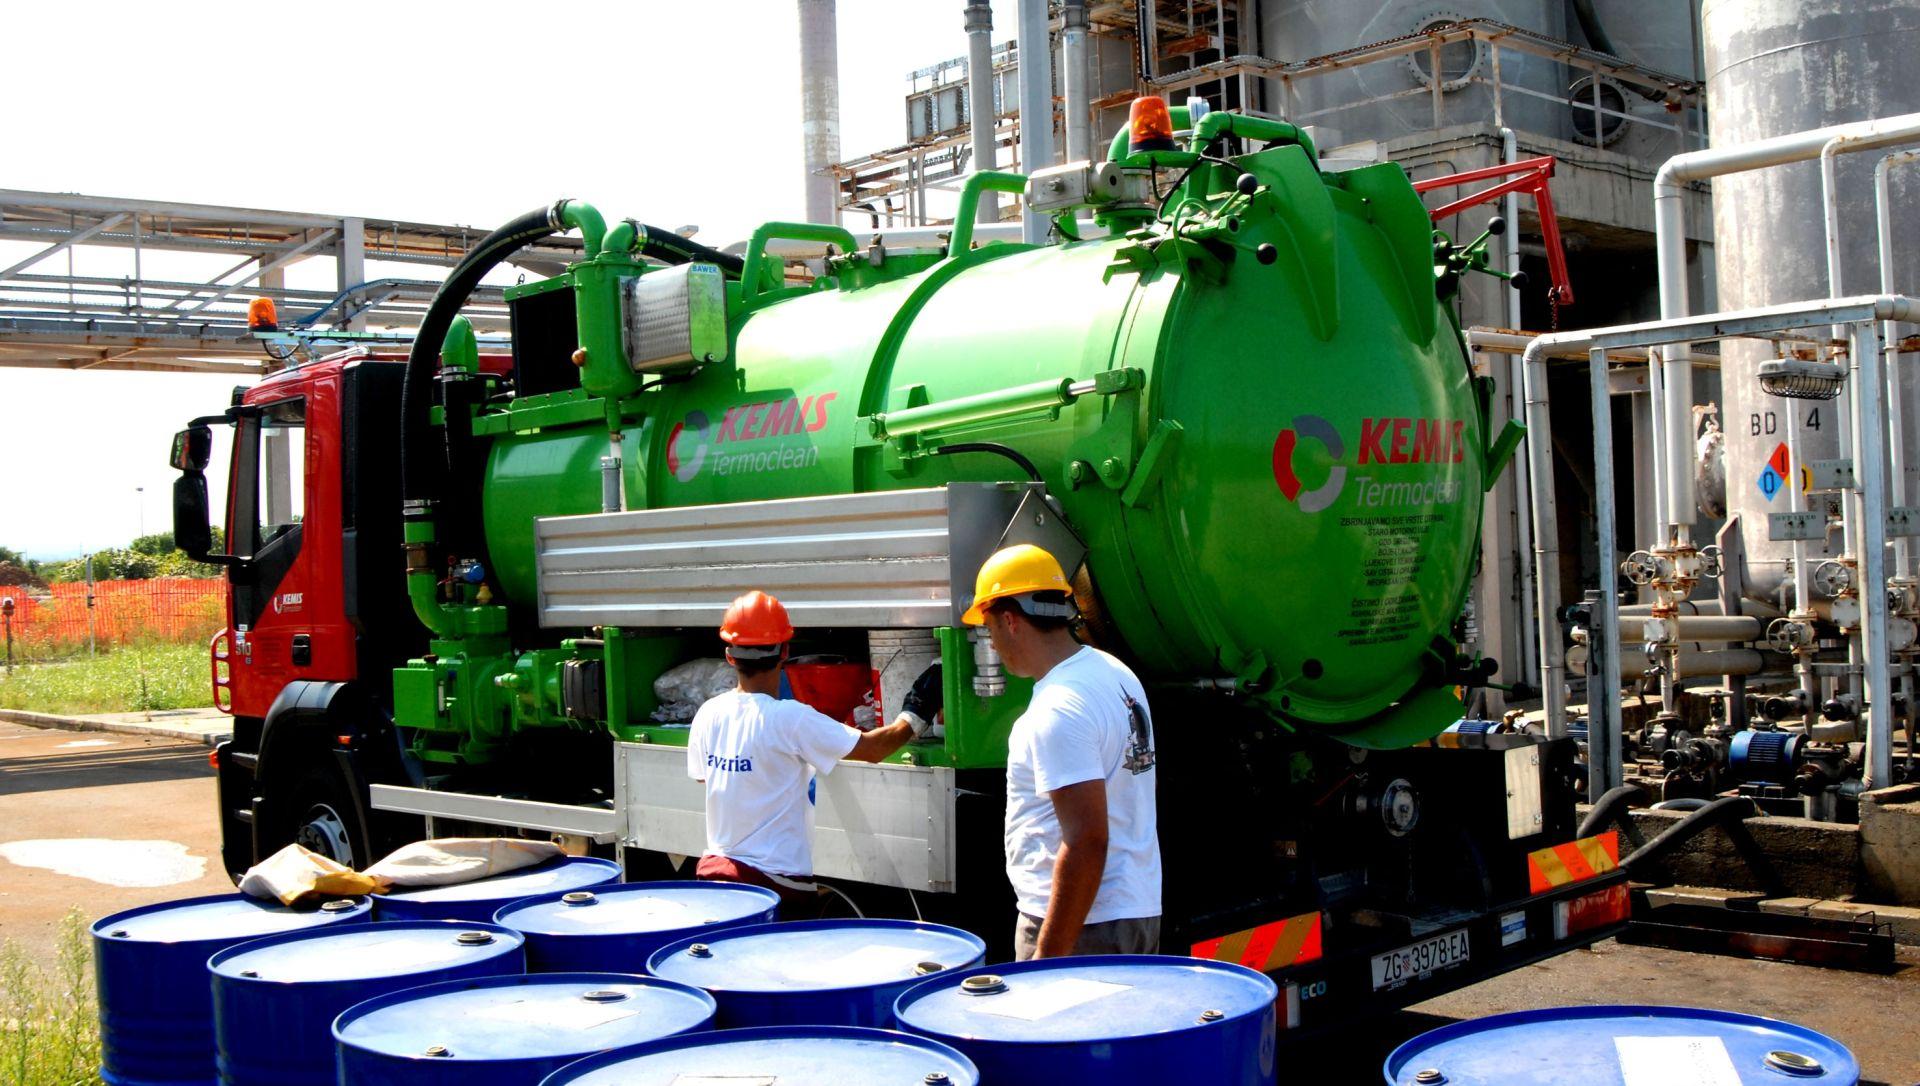 VELIKI TROŠKOVI: Zatvaranje pogona Dina Petrokemije i briga o kemikalijama procijenjeni na 10 milijuna eura